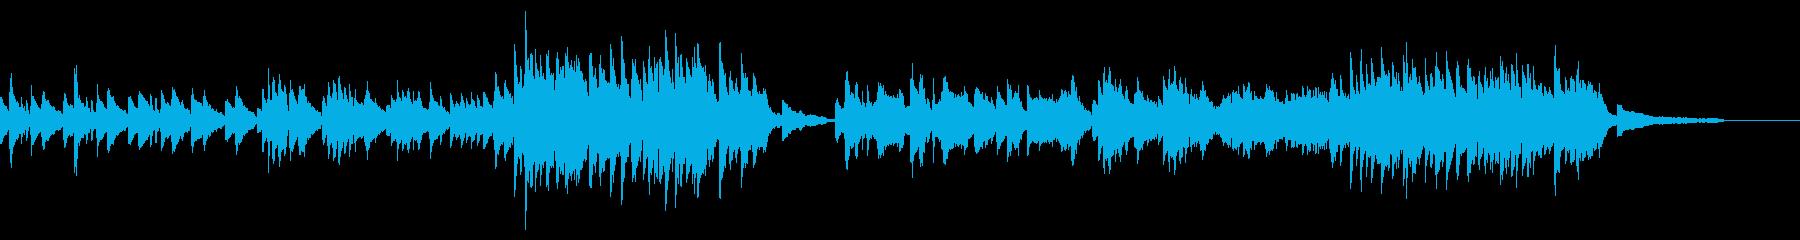 深海をイメージした曲の再生済みの波形